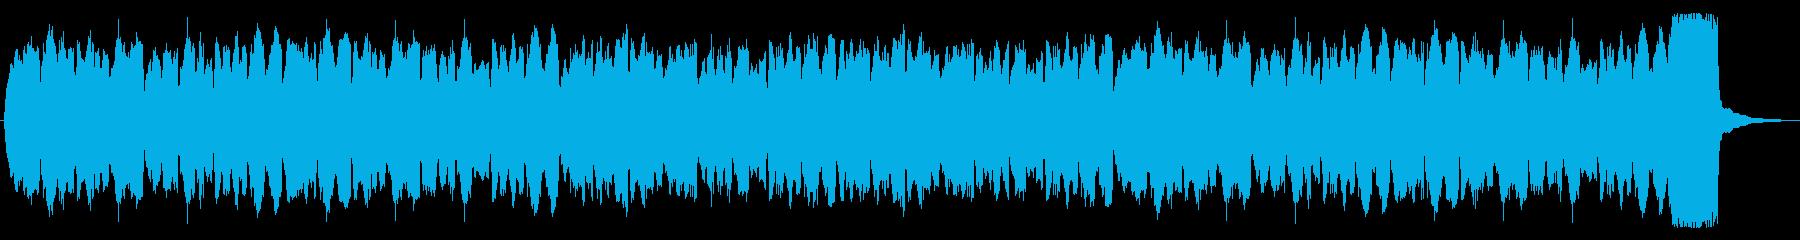 パイプオルガンの奏でる悲しい旋律の再生済みの波形